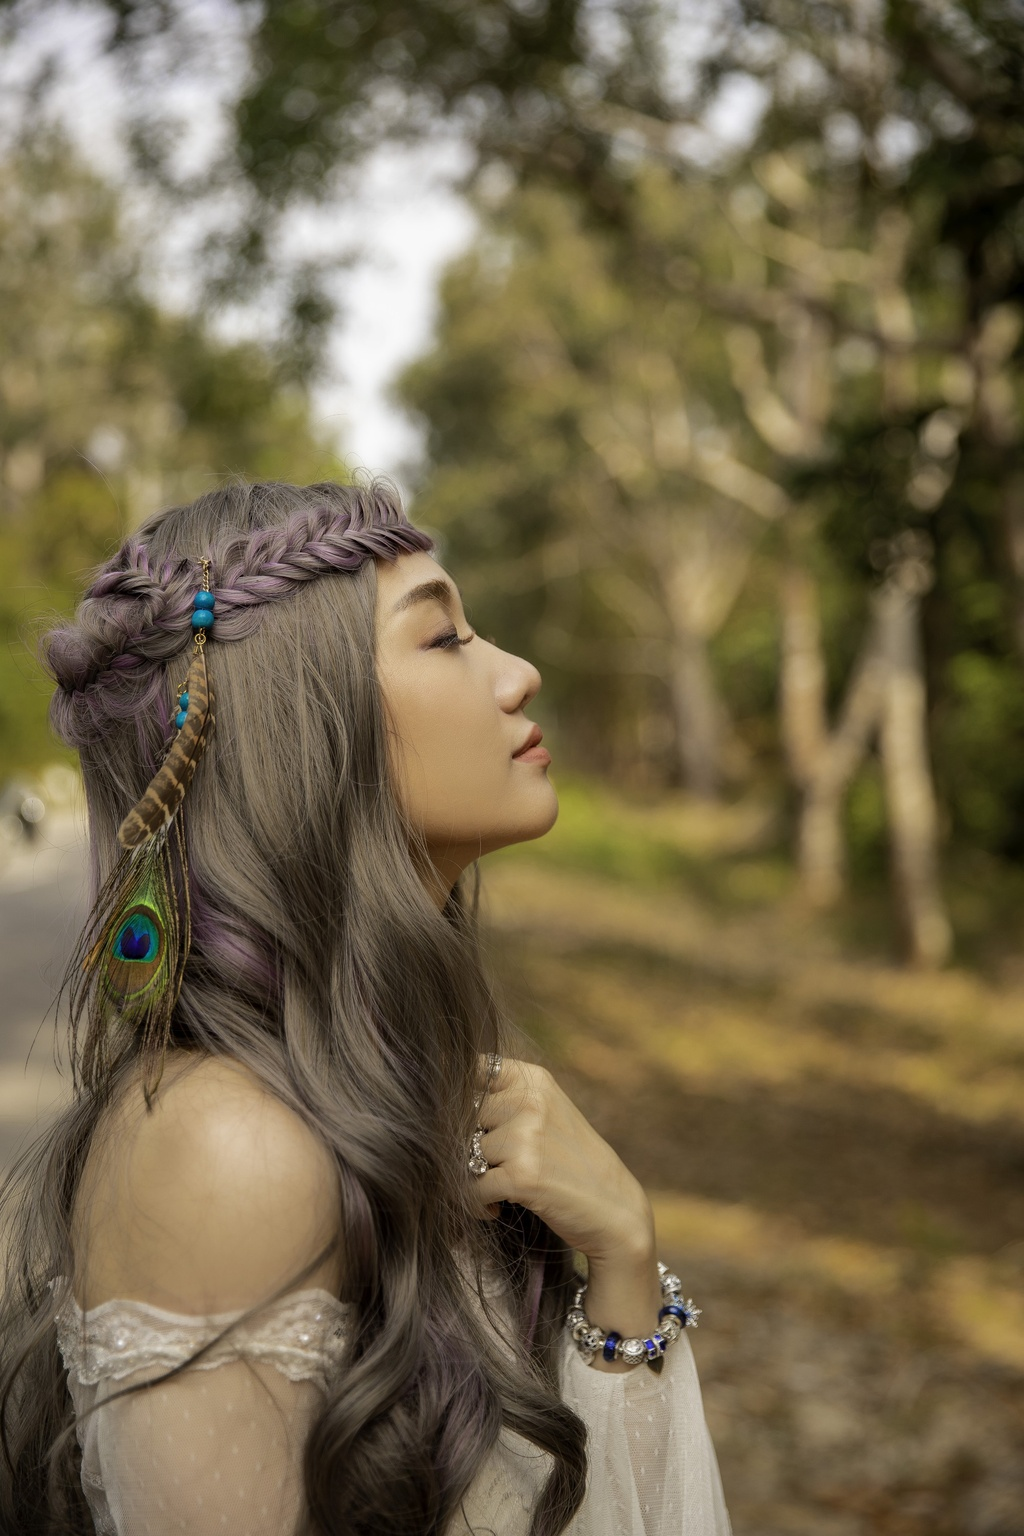 MV 'Vi em van': Hari Won tro lai, khong loi hai duoc nhu xua hinh anh 2